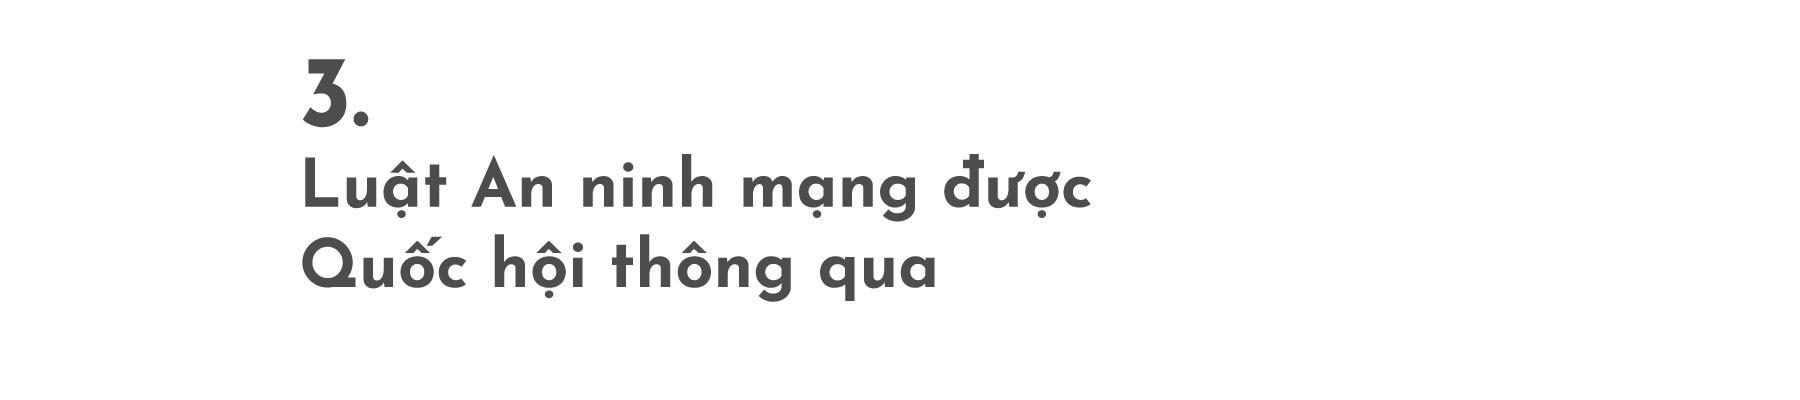 [eMagazine] - 10 sự kiện nổi bật của Việt Nam năm 2018 - Ảnh 6.